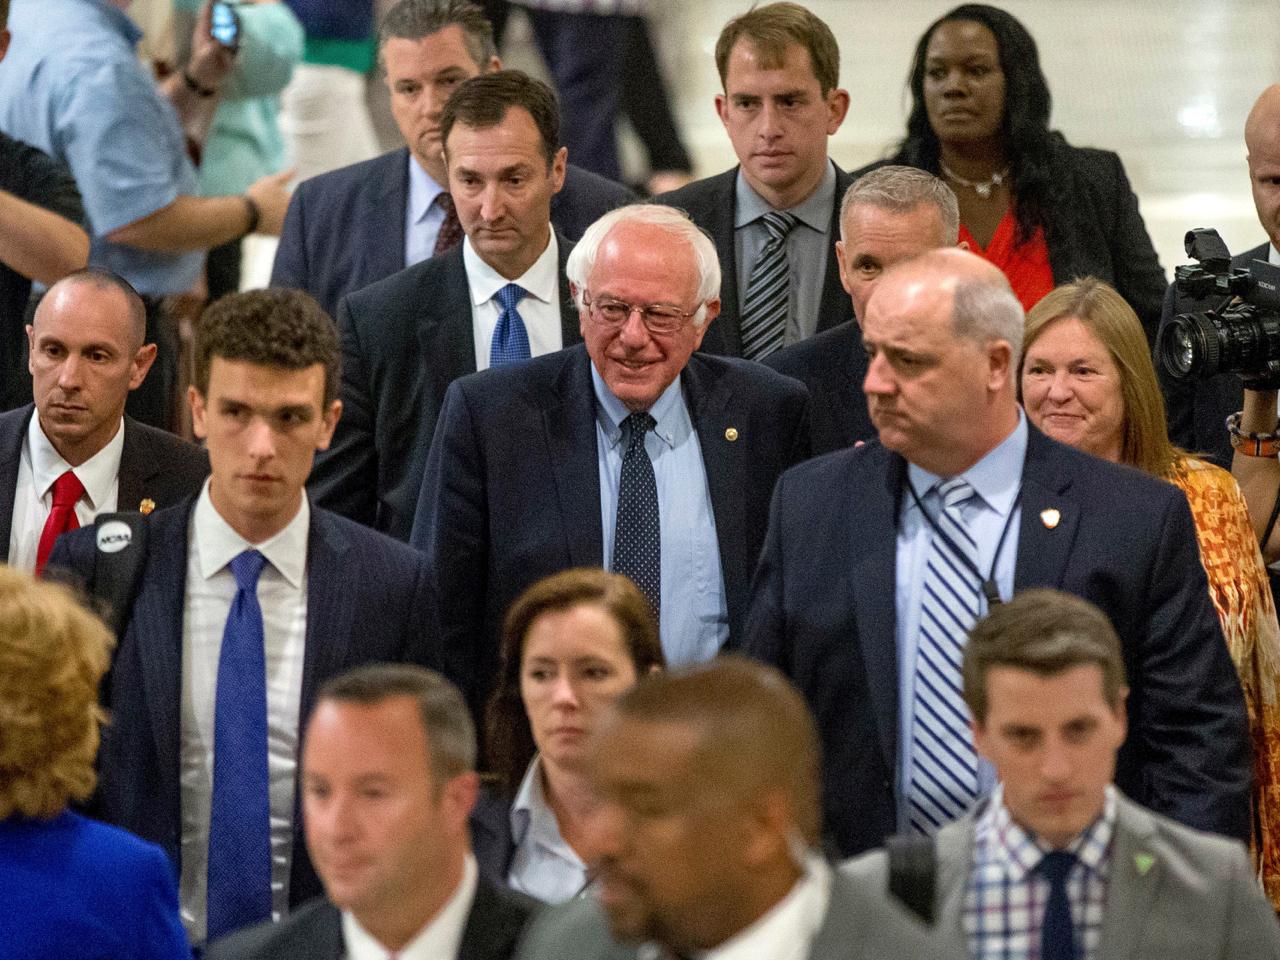 Bernie Sanders,Jane Sanders